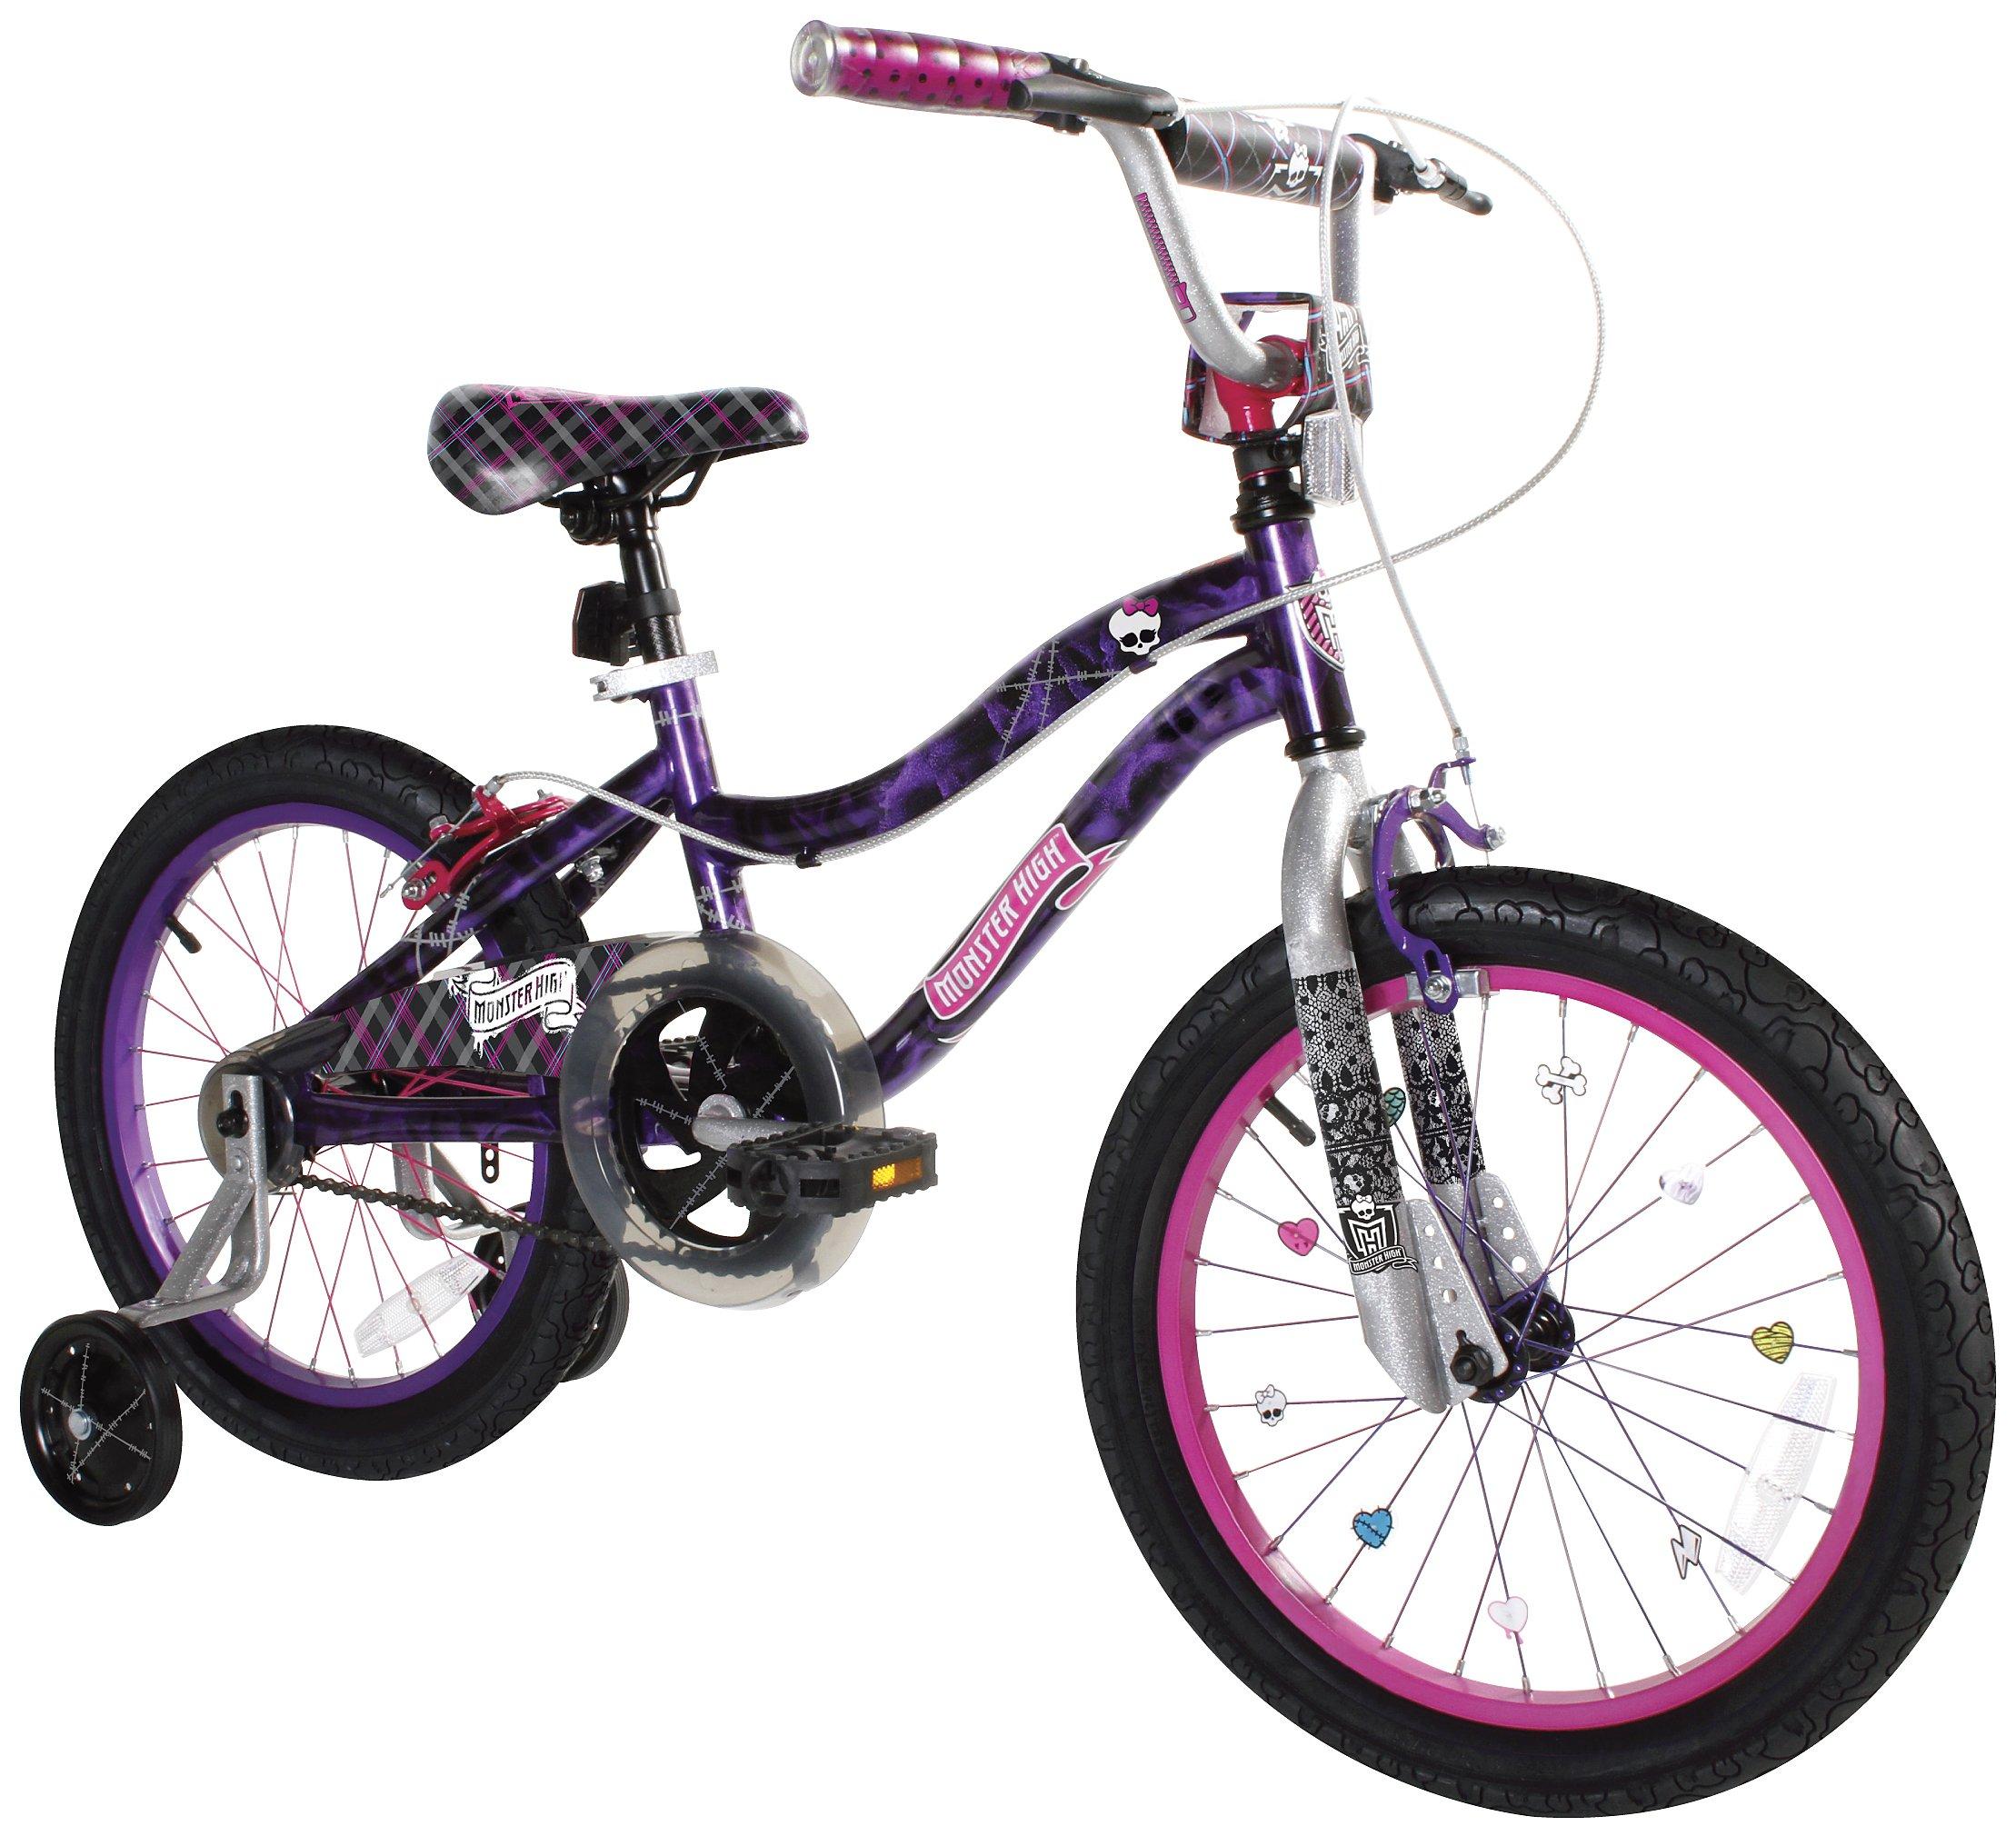 Monster High Dynacraft Girls BMX Street/Dirt Bike 18'', Black/Purple/Pink